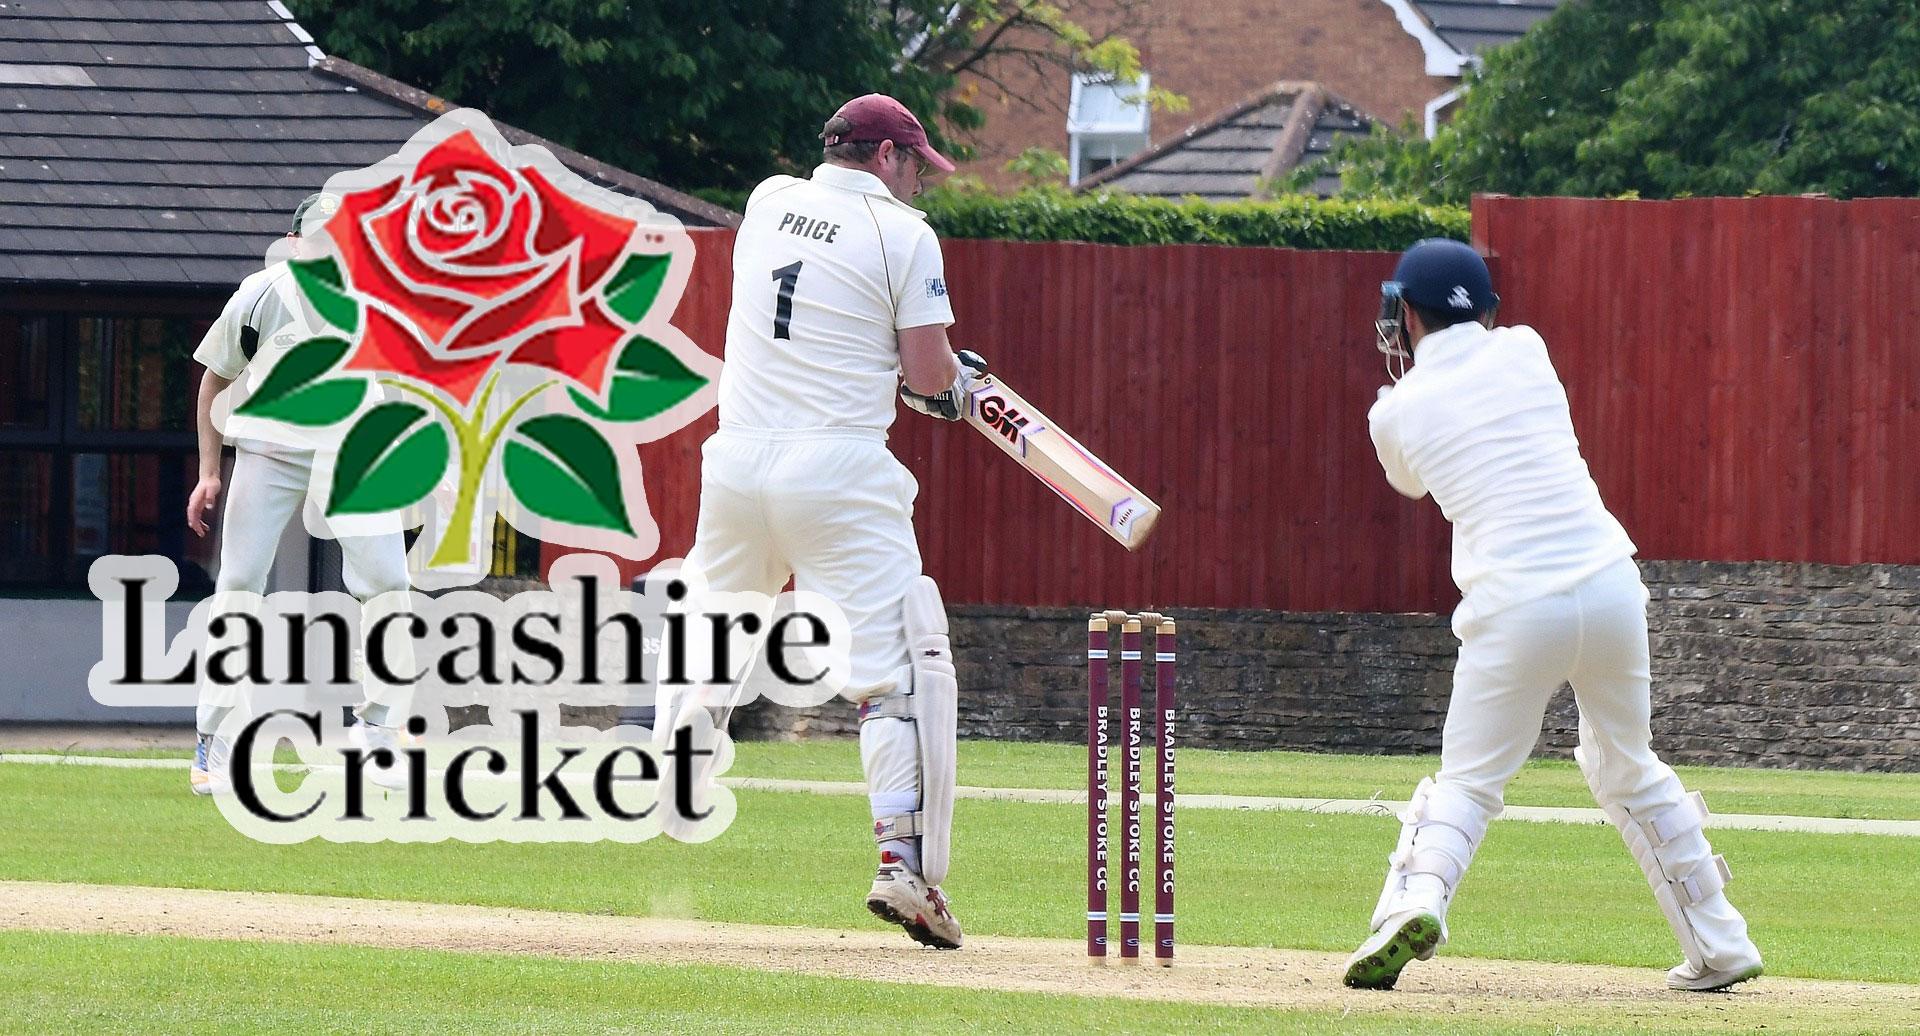 英国クリケットクラブ、2020年「ブロックチェーンチケット」導入へ!